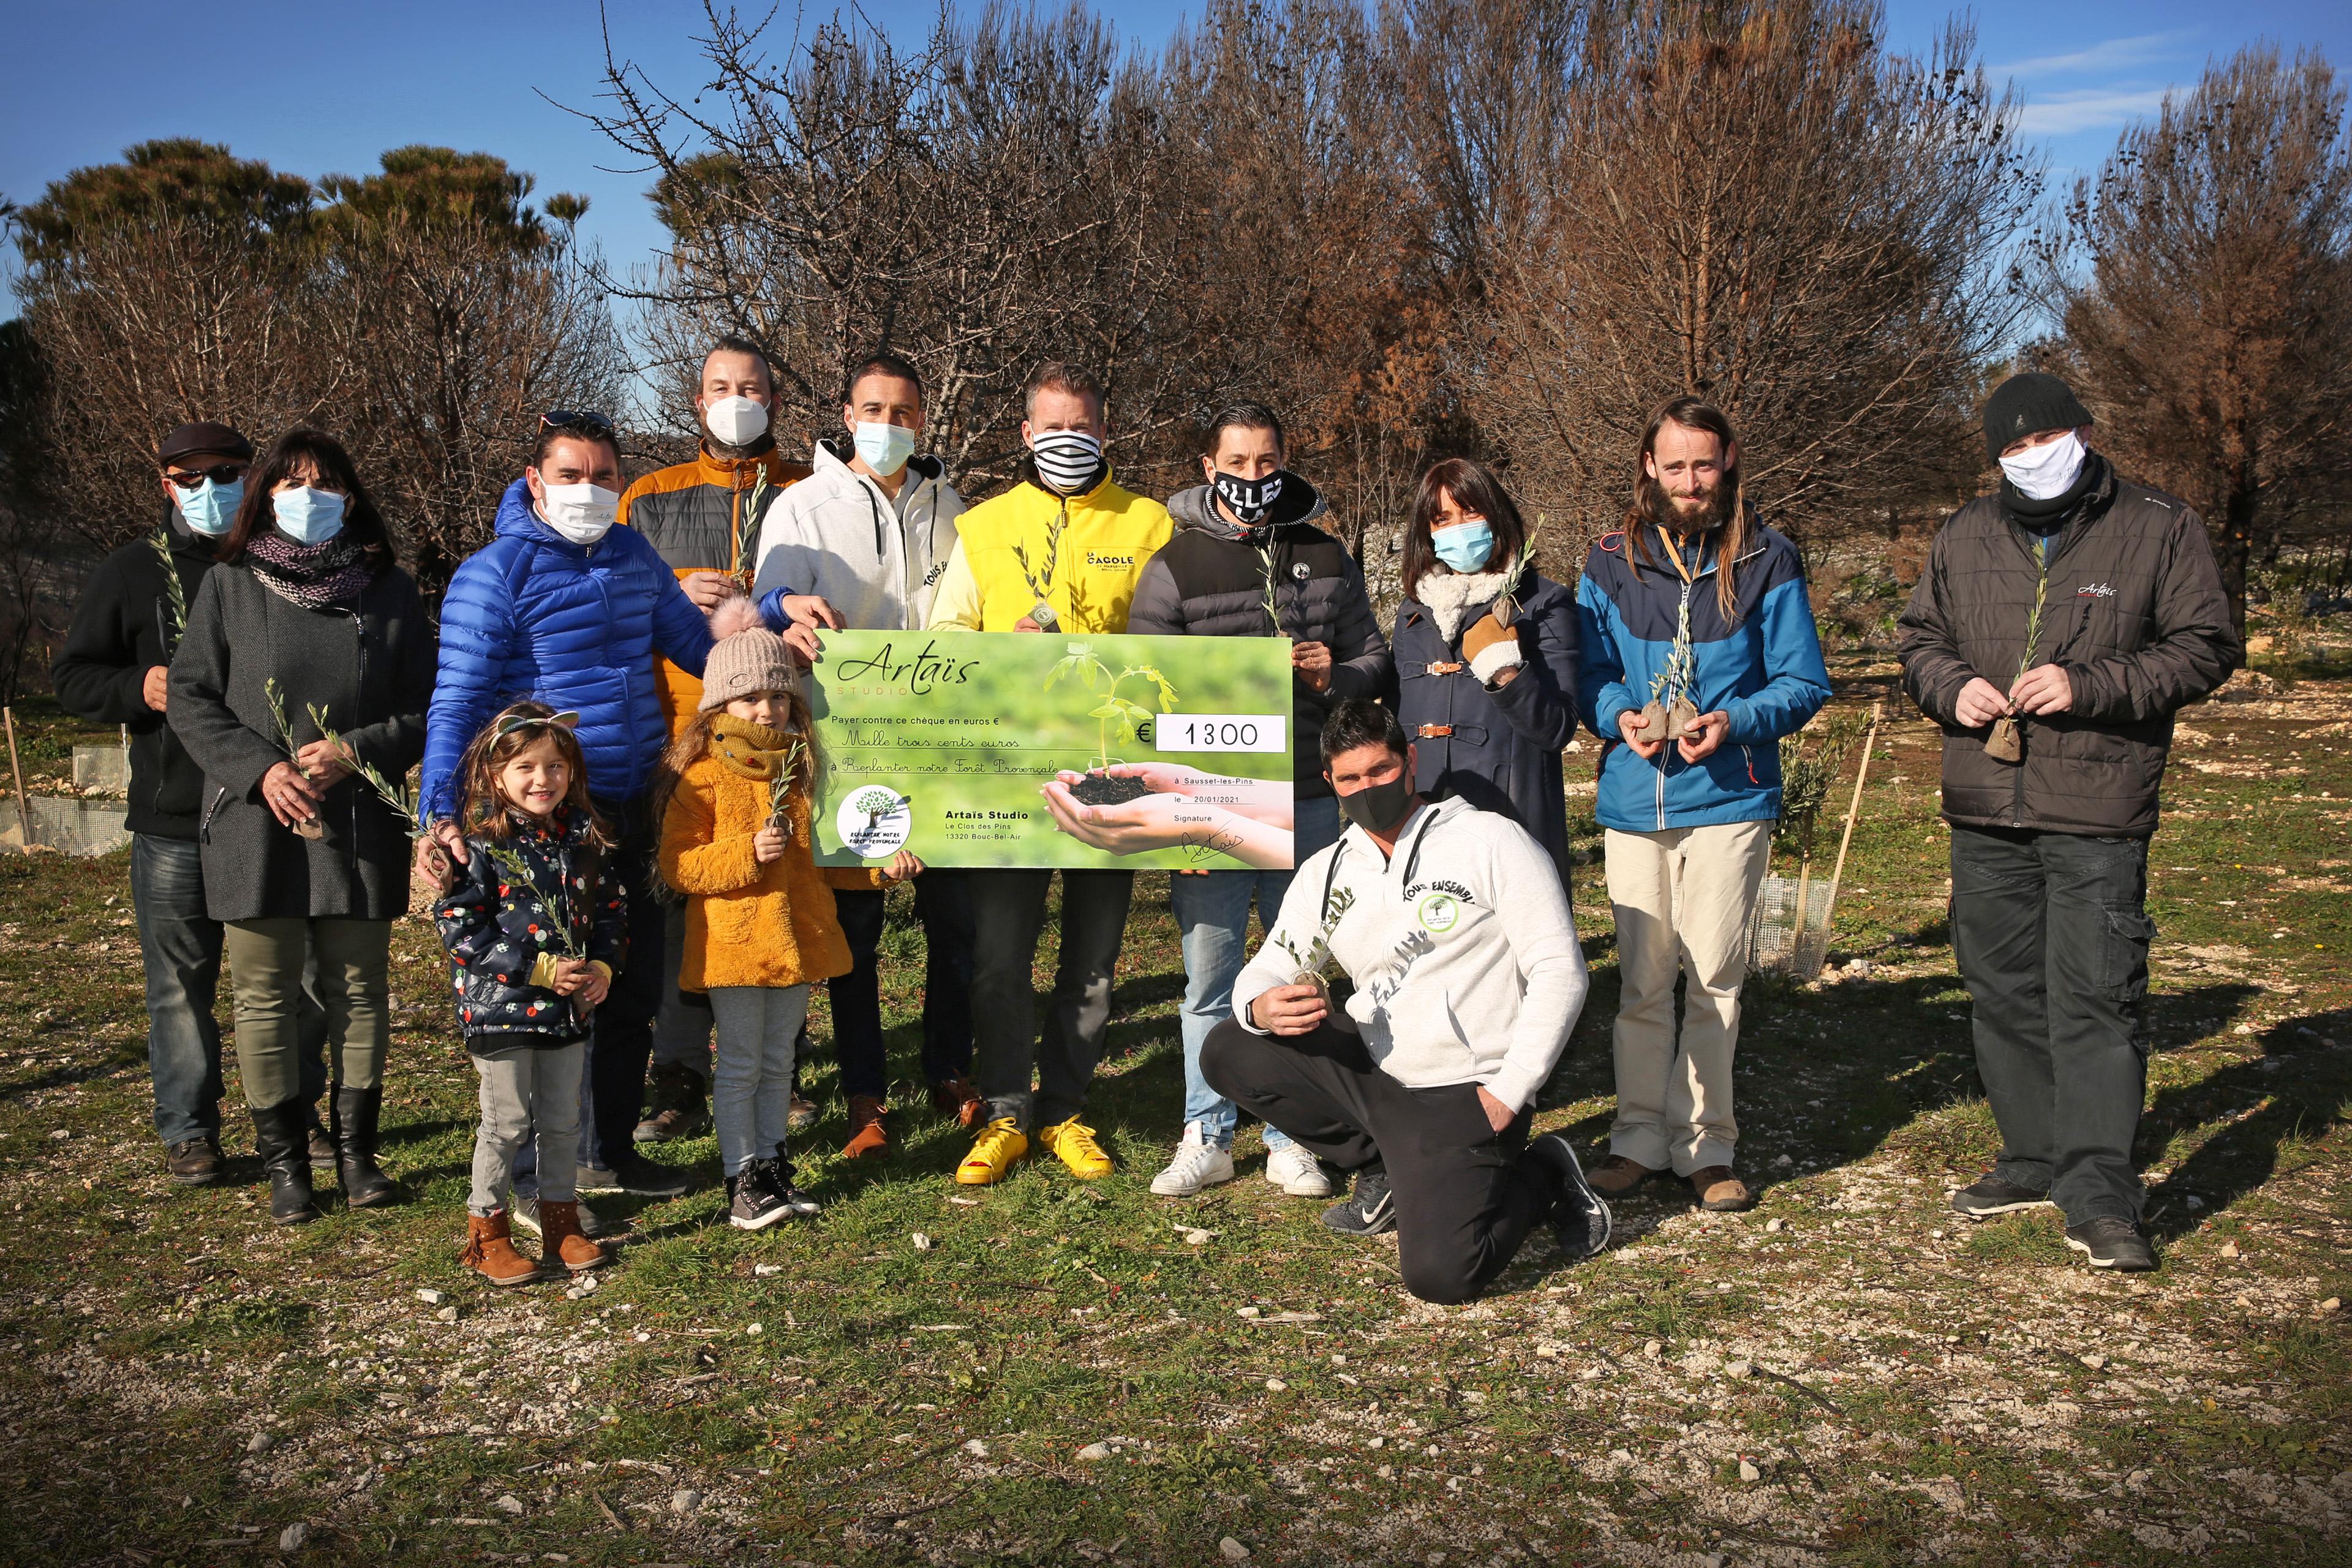 Artaïs fait un don de 1300€ pour la Forêt Provençale